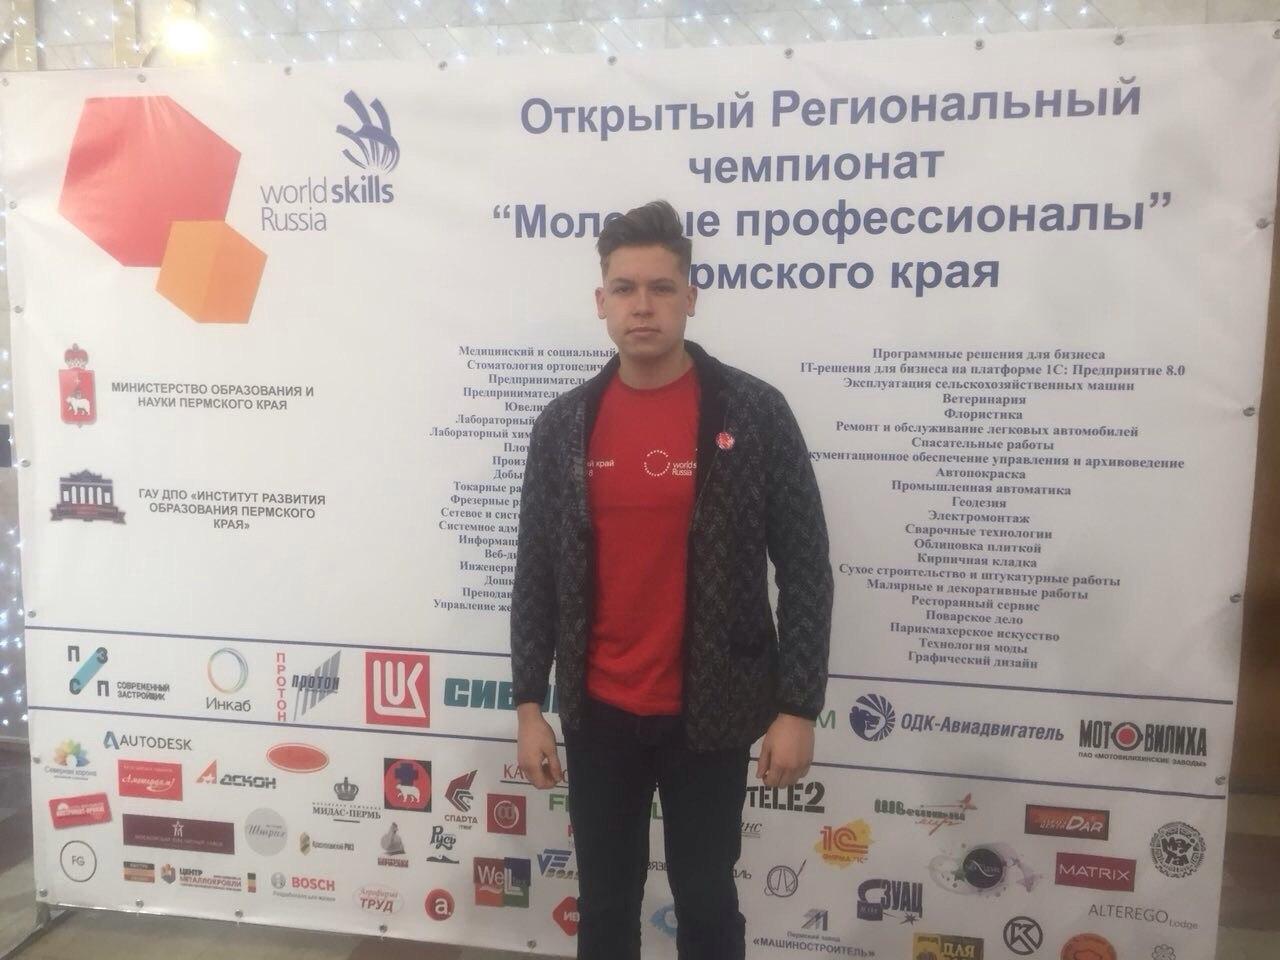 молодые профессионала, Чайковский, 2018 год